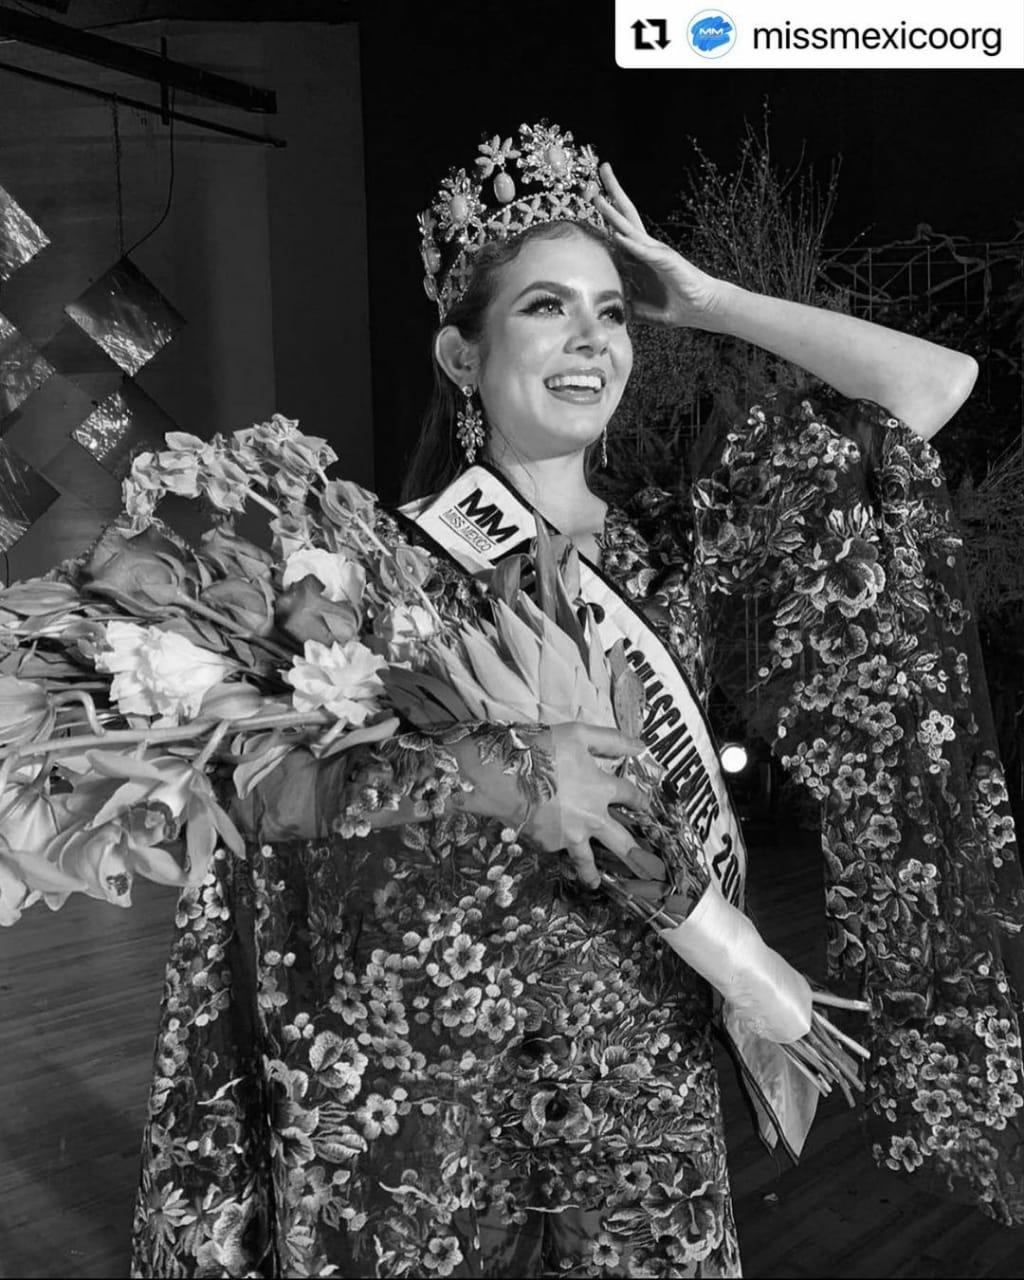 Encuentran sin vida a Ximena Hita, Miss mexicana